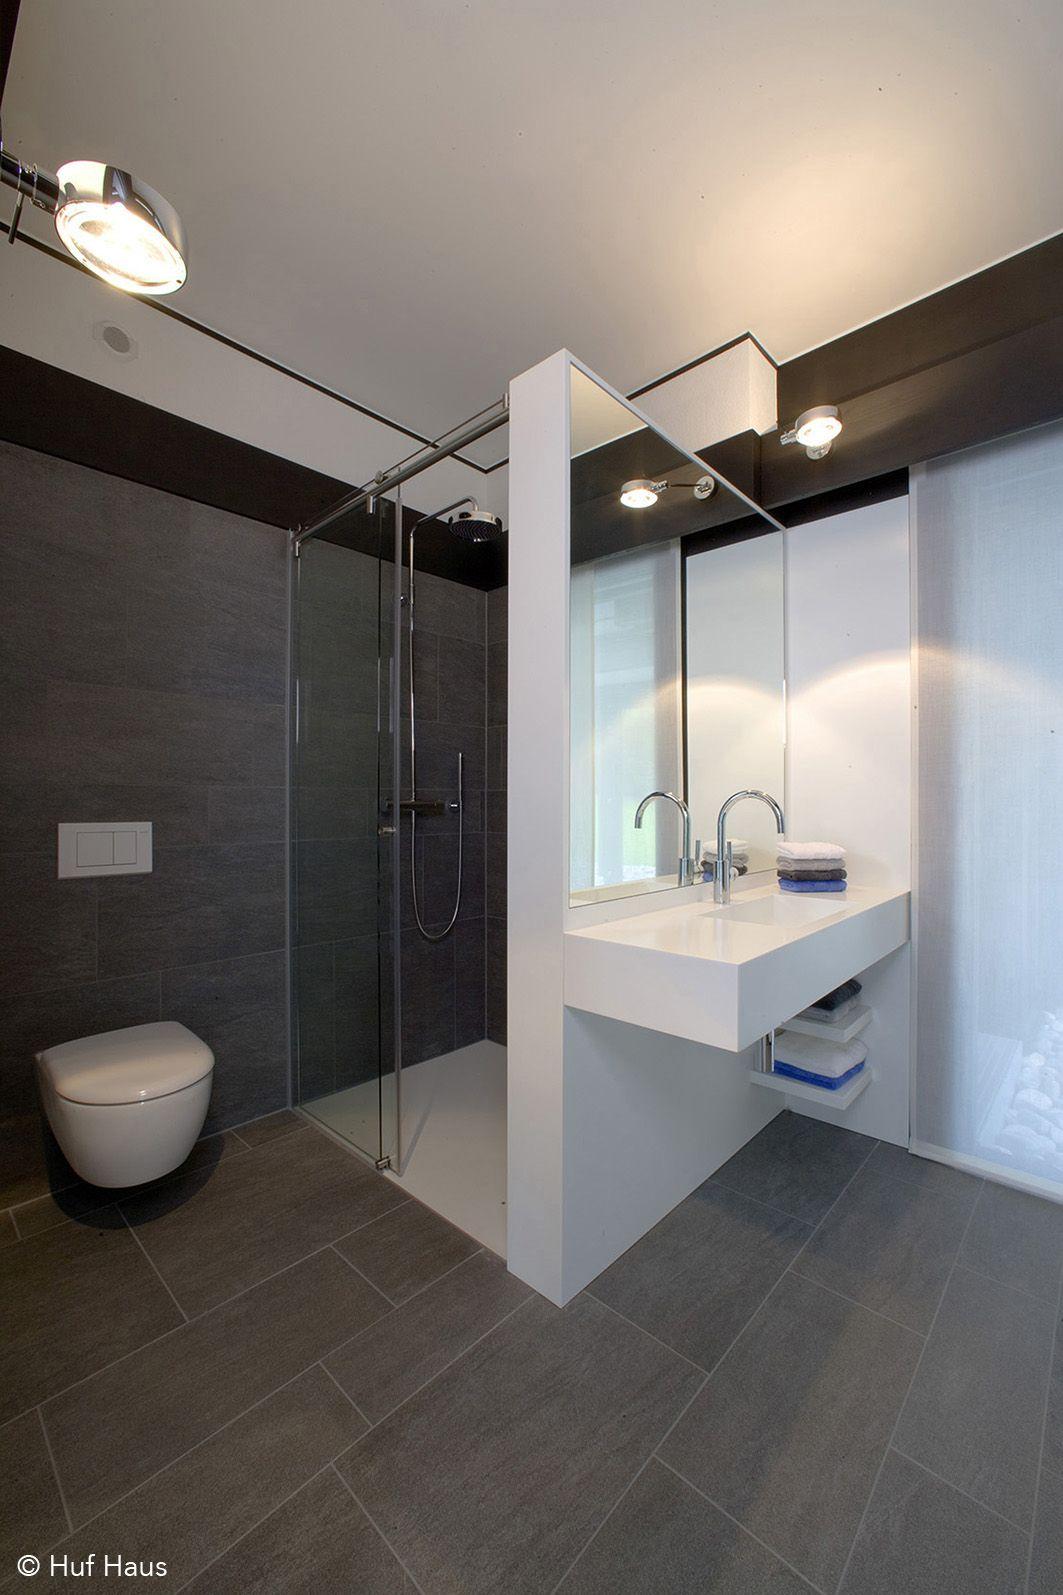 Pin Von Christina Holst Auf Boligindretning In 2020 Kleine Badezimmer Design Modernes Badezimmerdesign Badezimmer Design